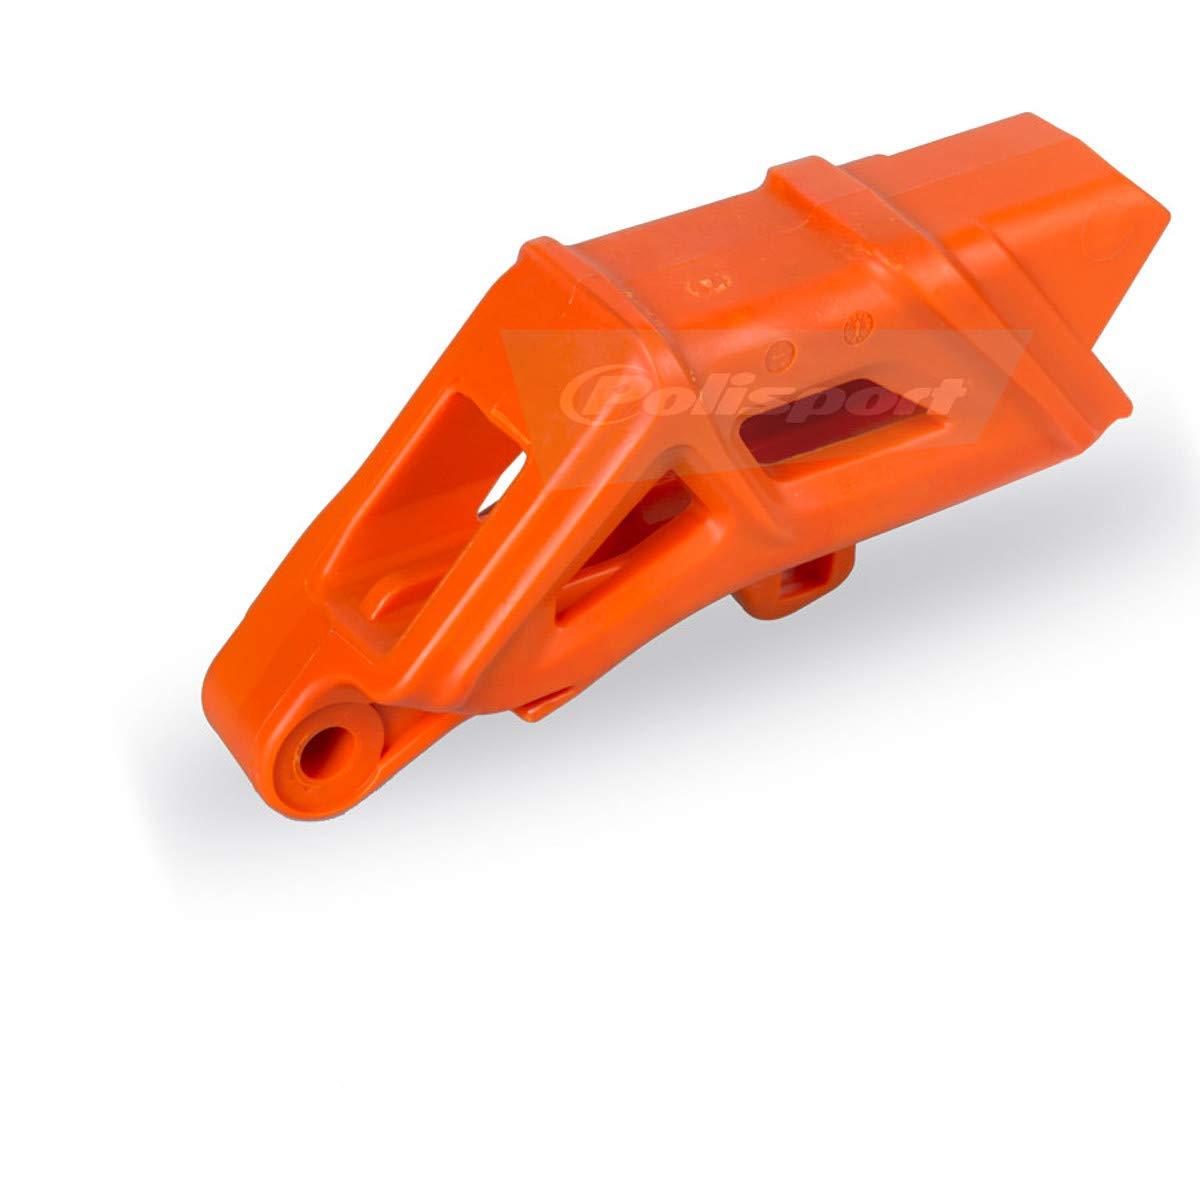 Polisport 07-20 KTM 250SX Chain Guide Orange